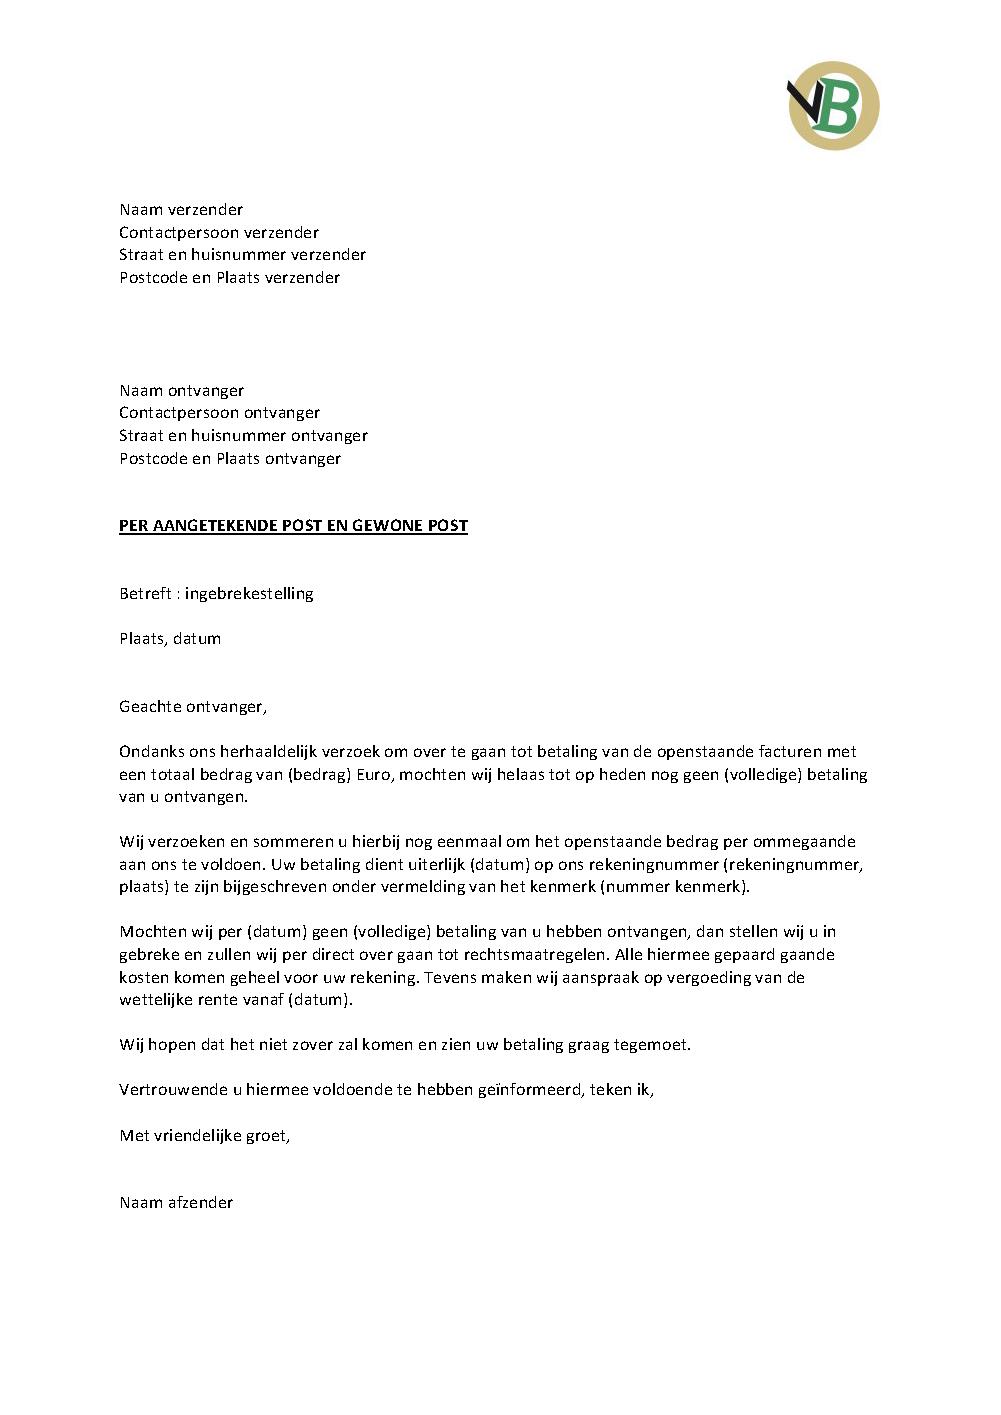 Engelse Klachtenbrief | hetmakershuis